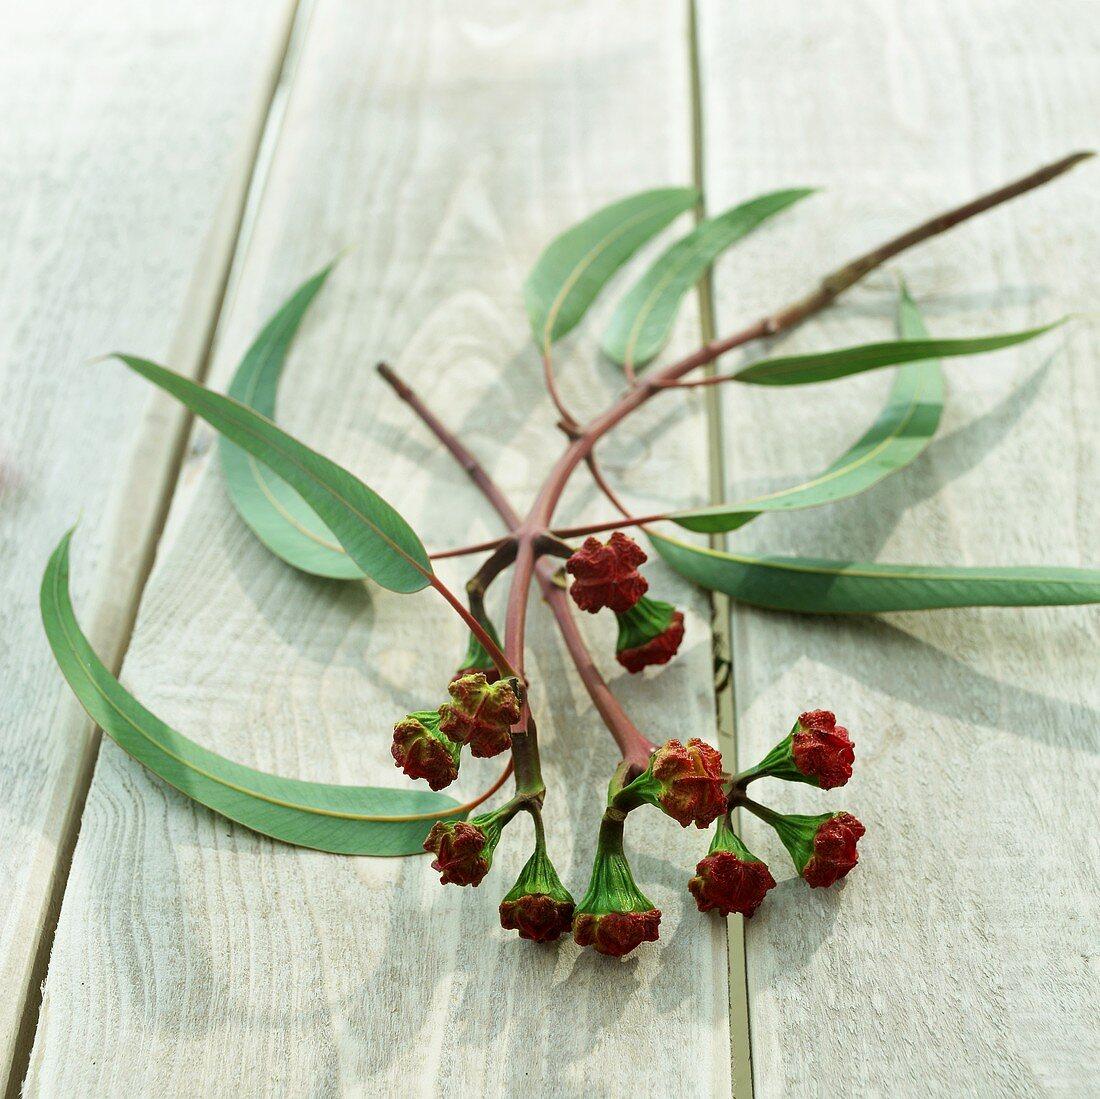 Eucalyptus twig with buds